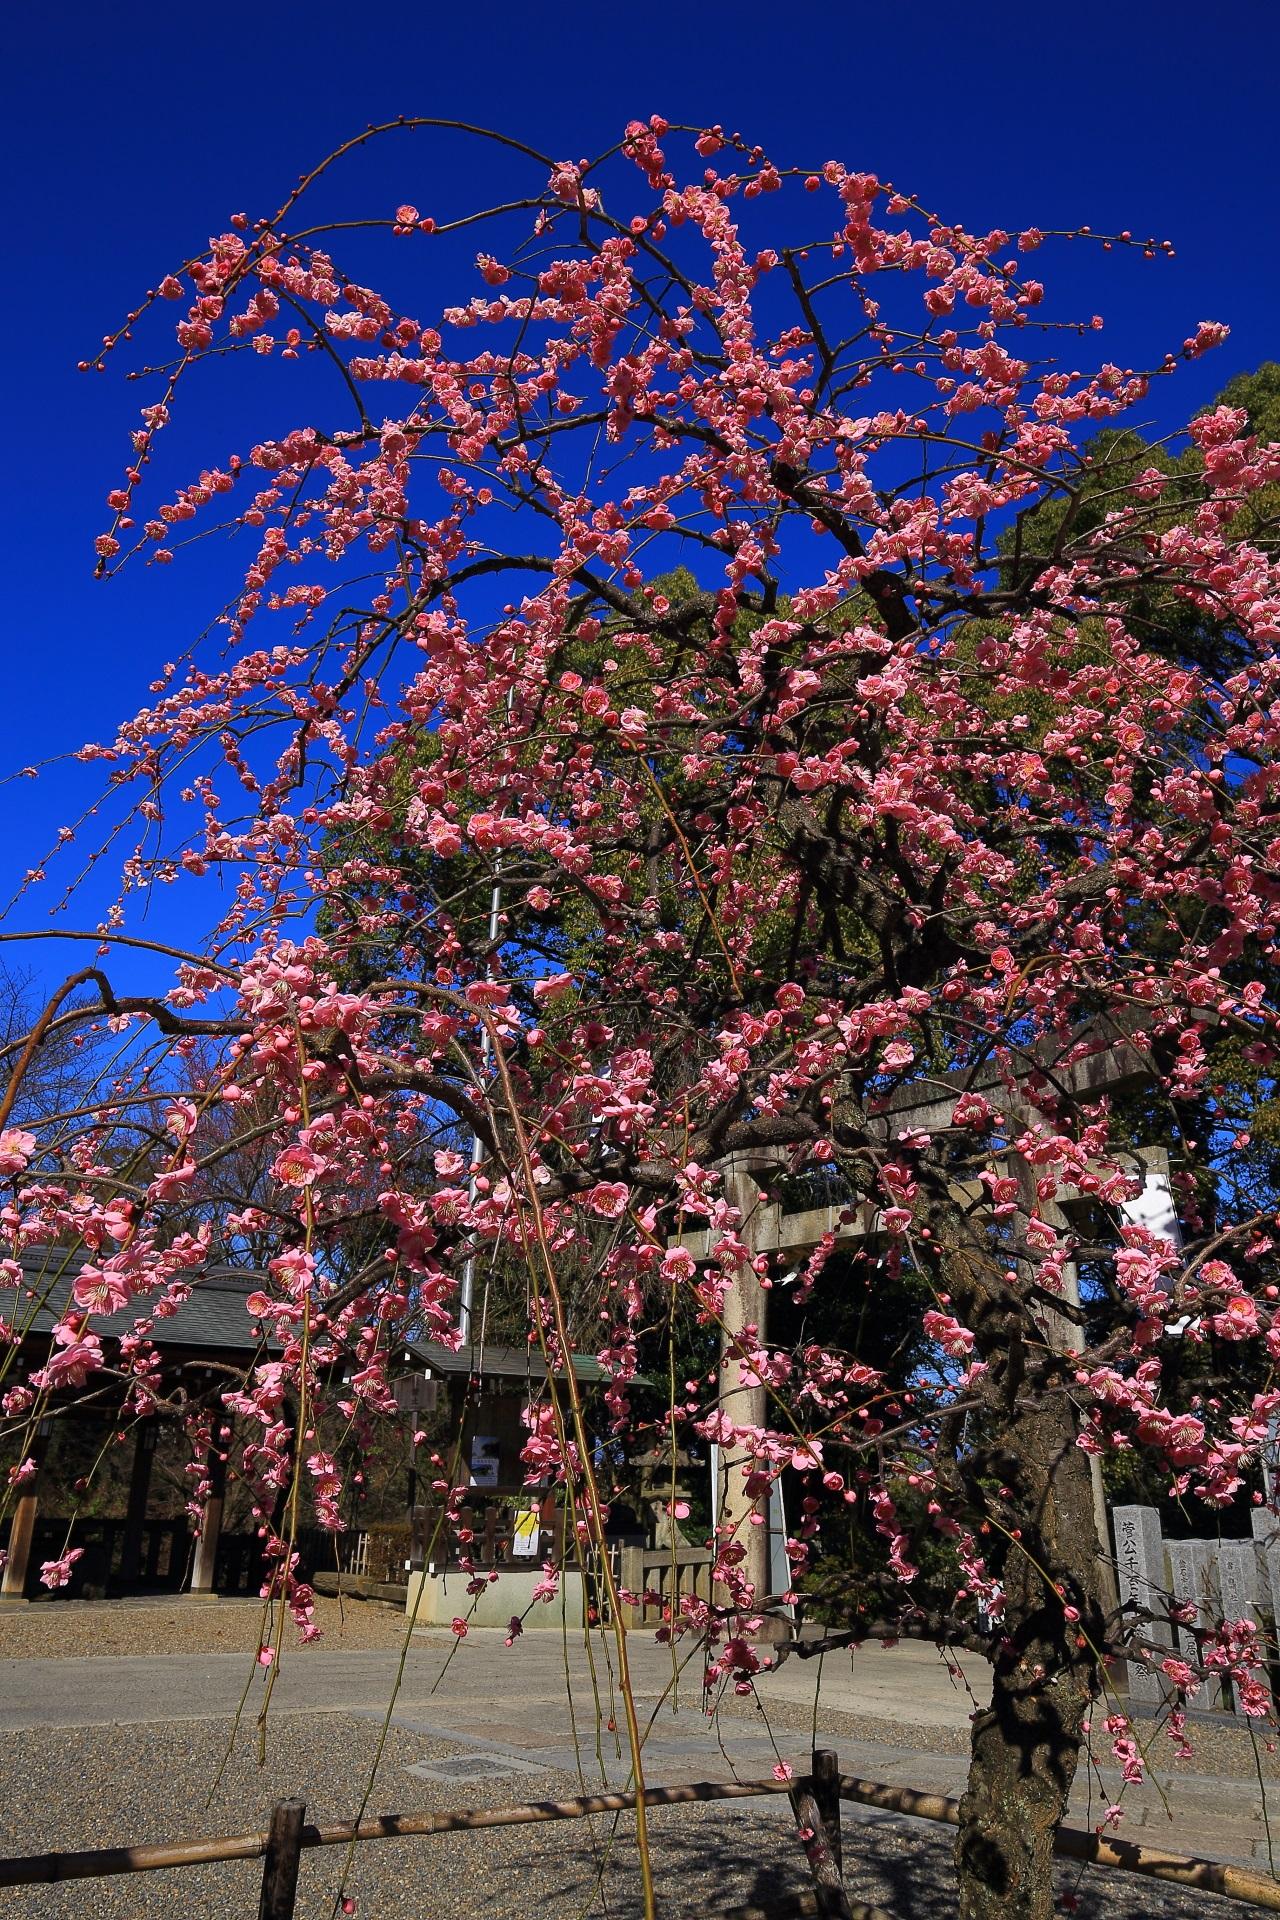 太陽を浴びて輝く見事なピンクのしだれ梅